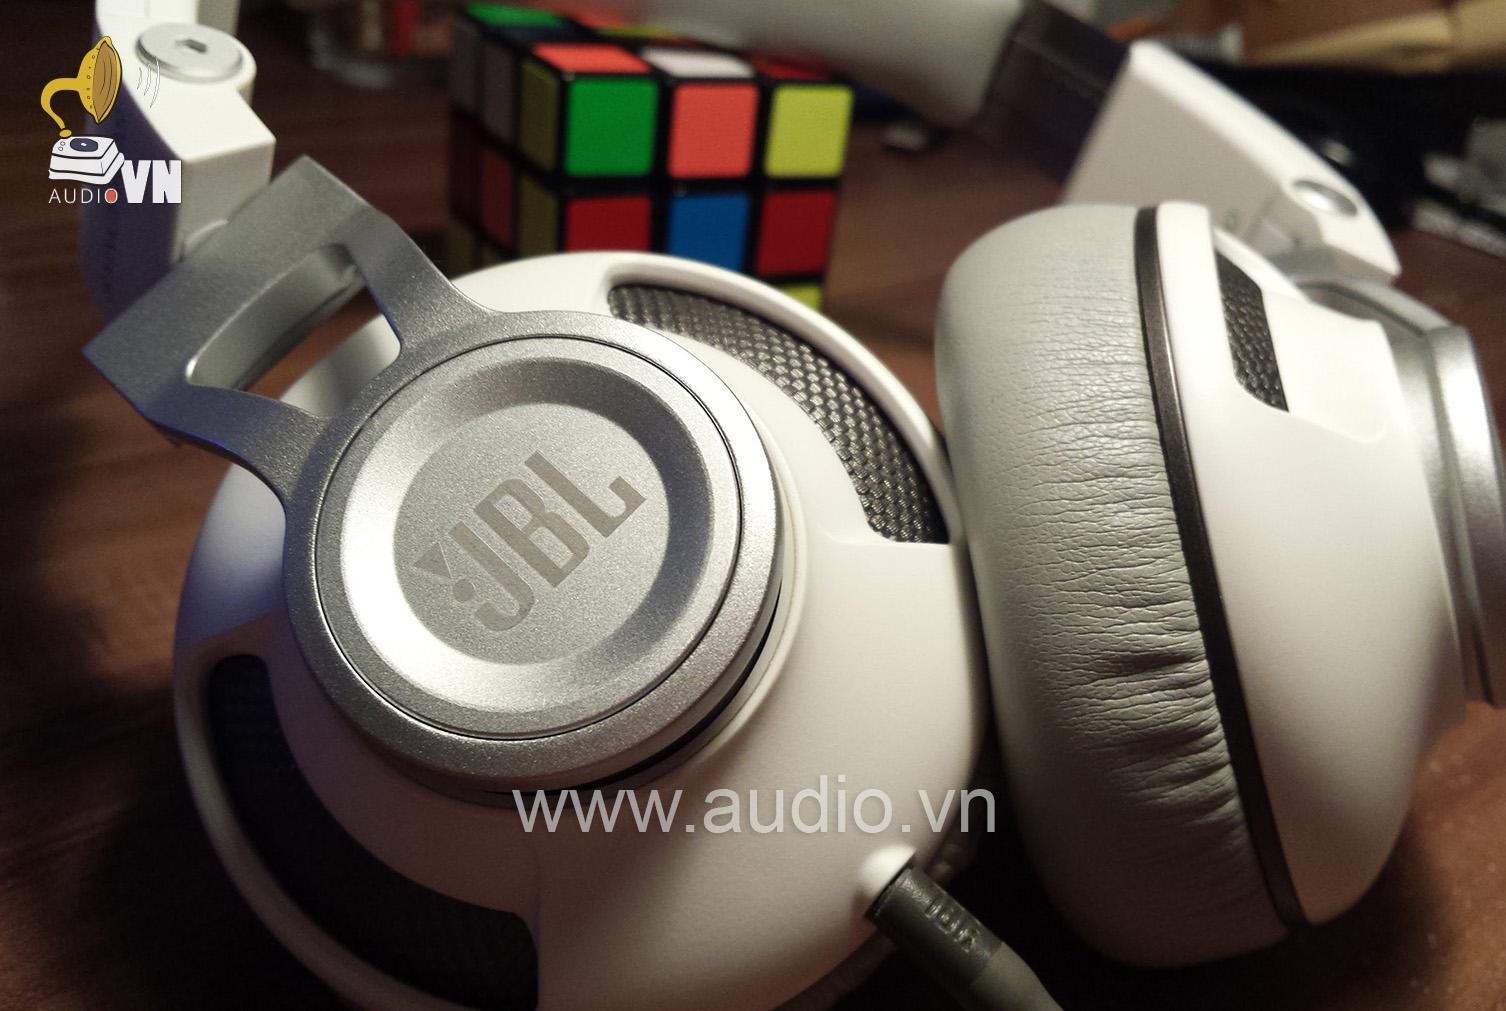 JBL Synchros S300